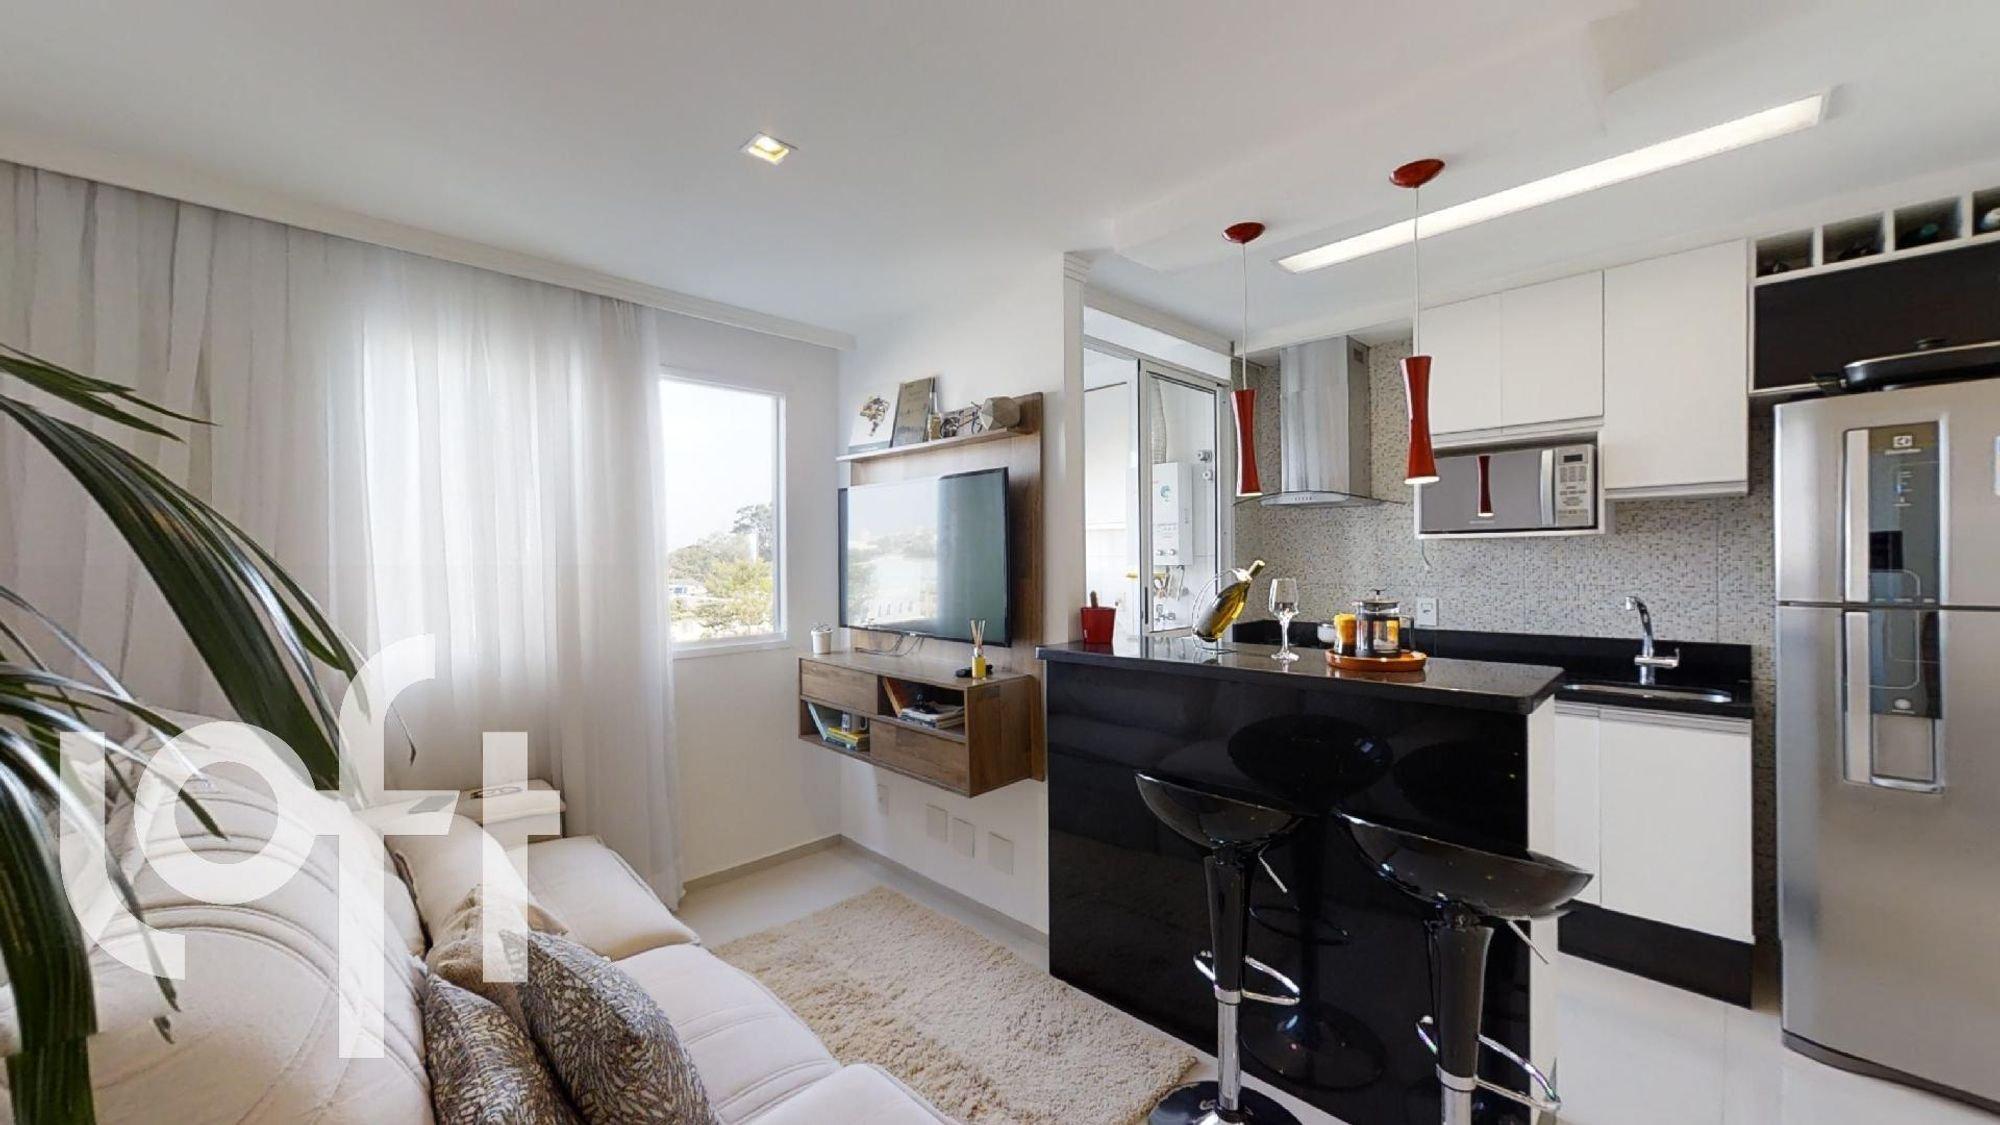 Foto de Cozinha com geladeira, televisão, cadeira